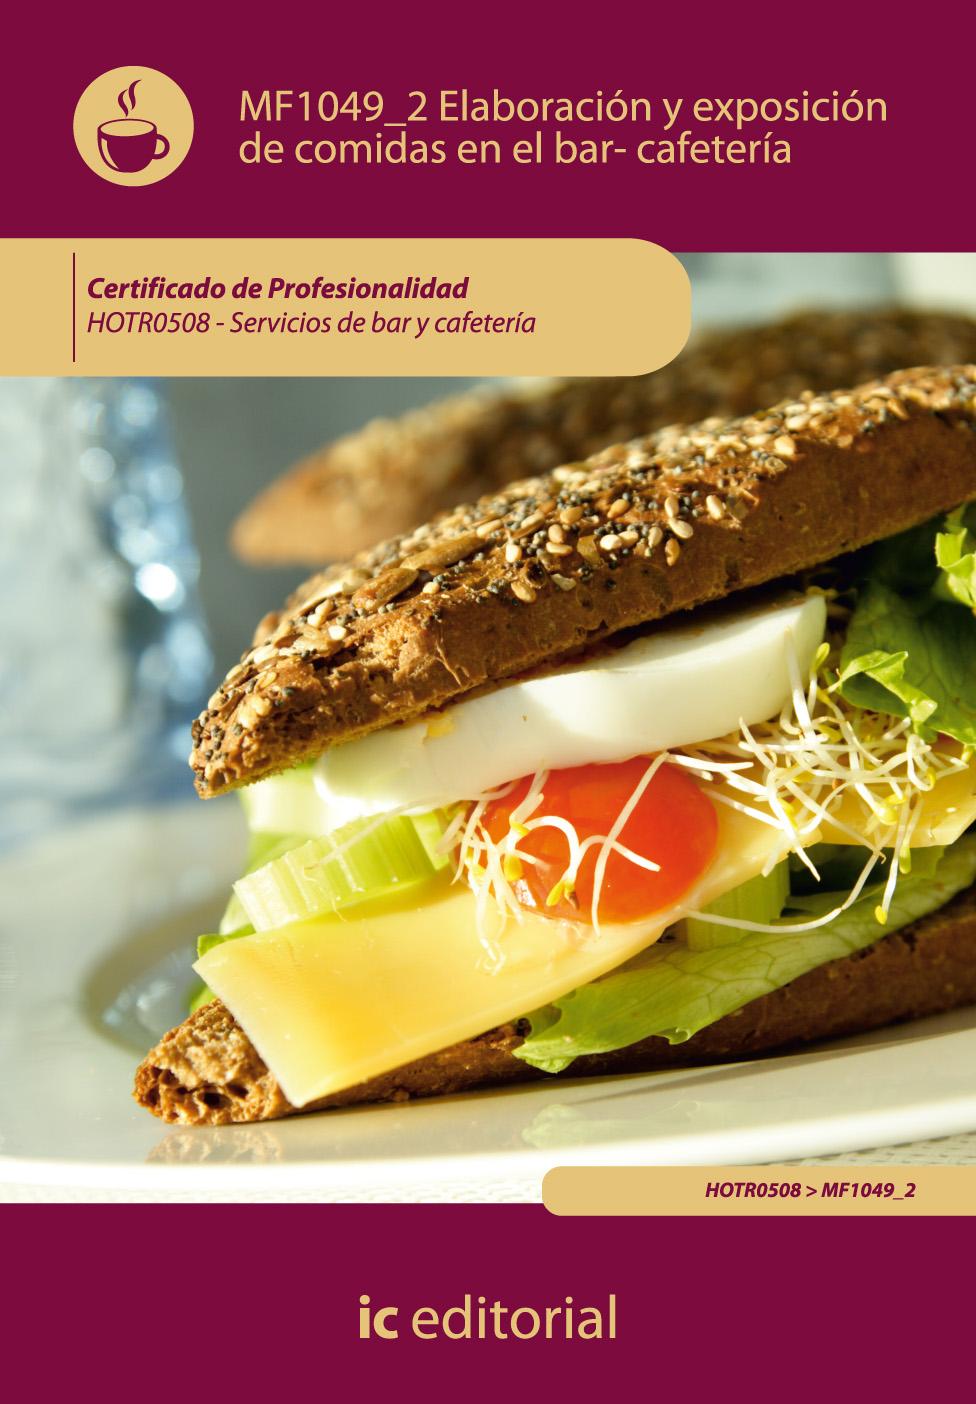 MF1049_2 elaboración y exposicion de comidas en el bar-cafetería. hotr0508 - servicios de bar y cafetería